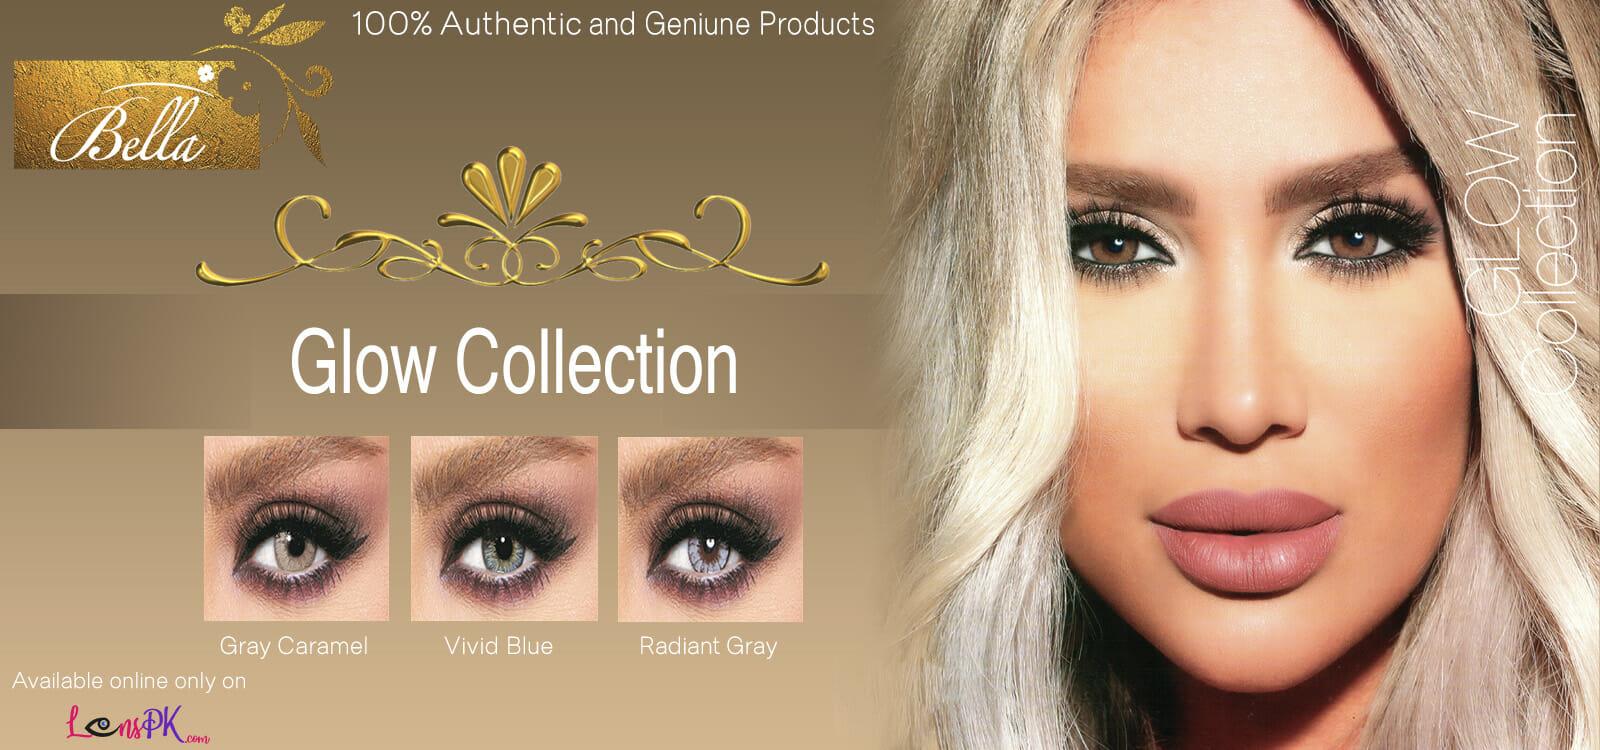 Buy Bella Glow Contact Lenses Online - lenspk.com